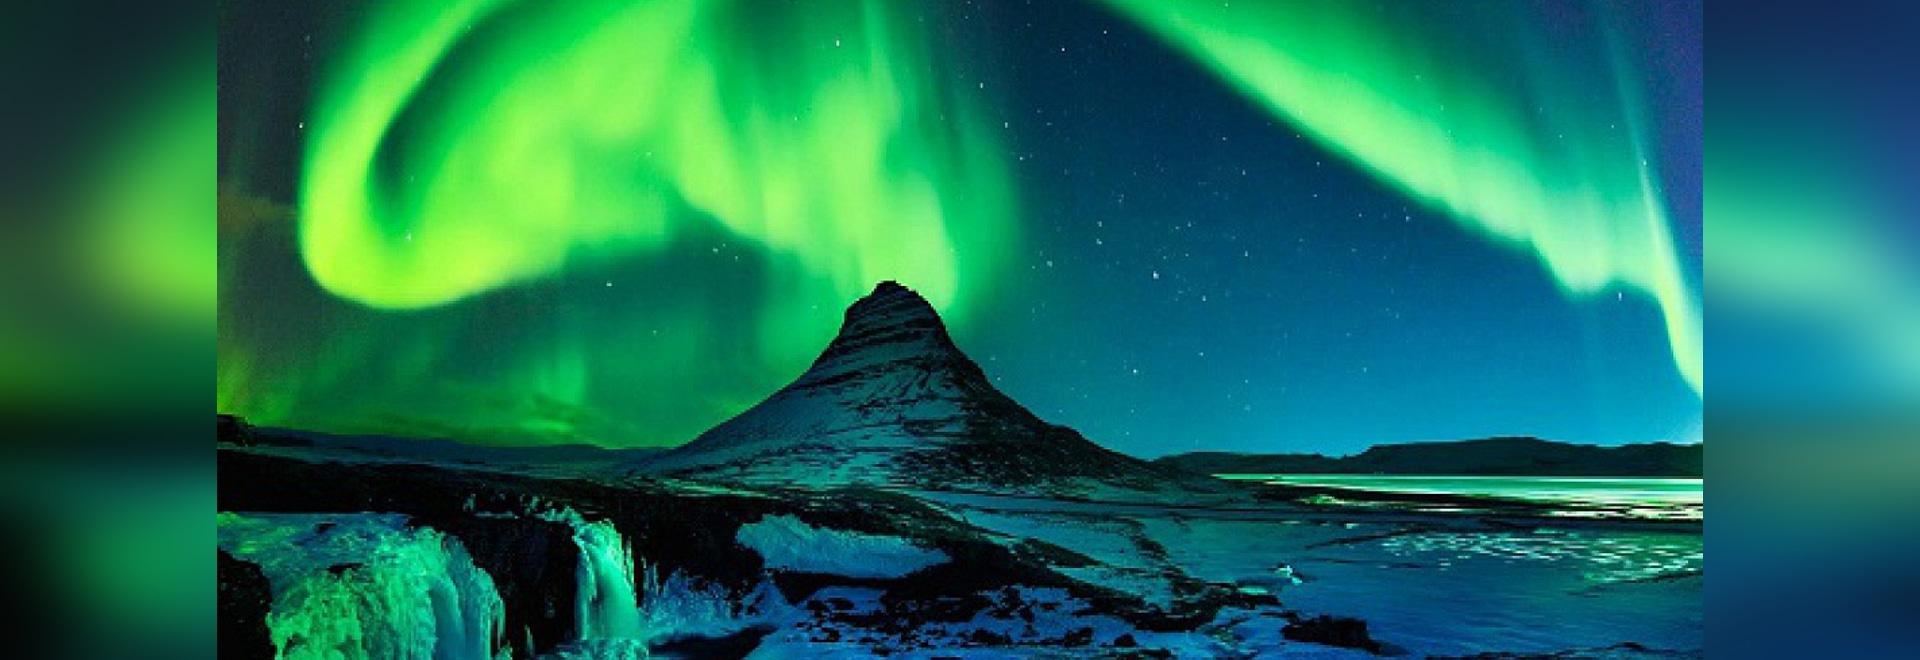 L'Islande : Conception parlante chez DesignMarch